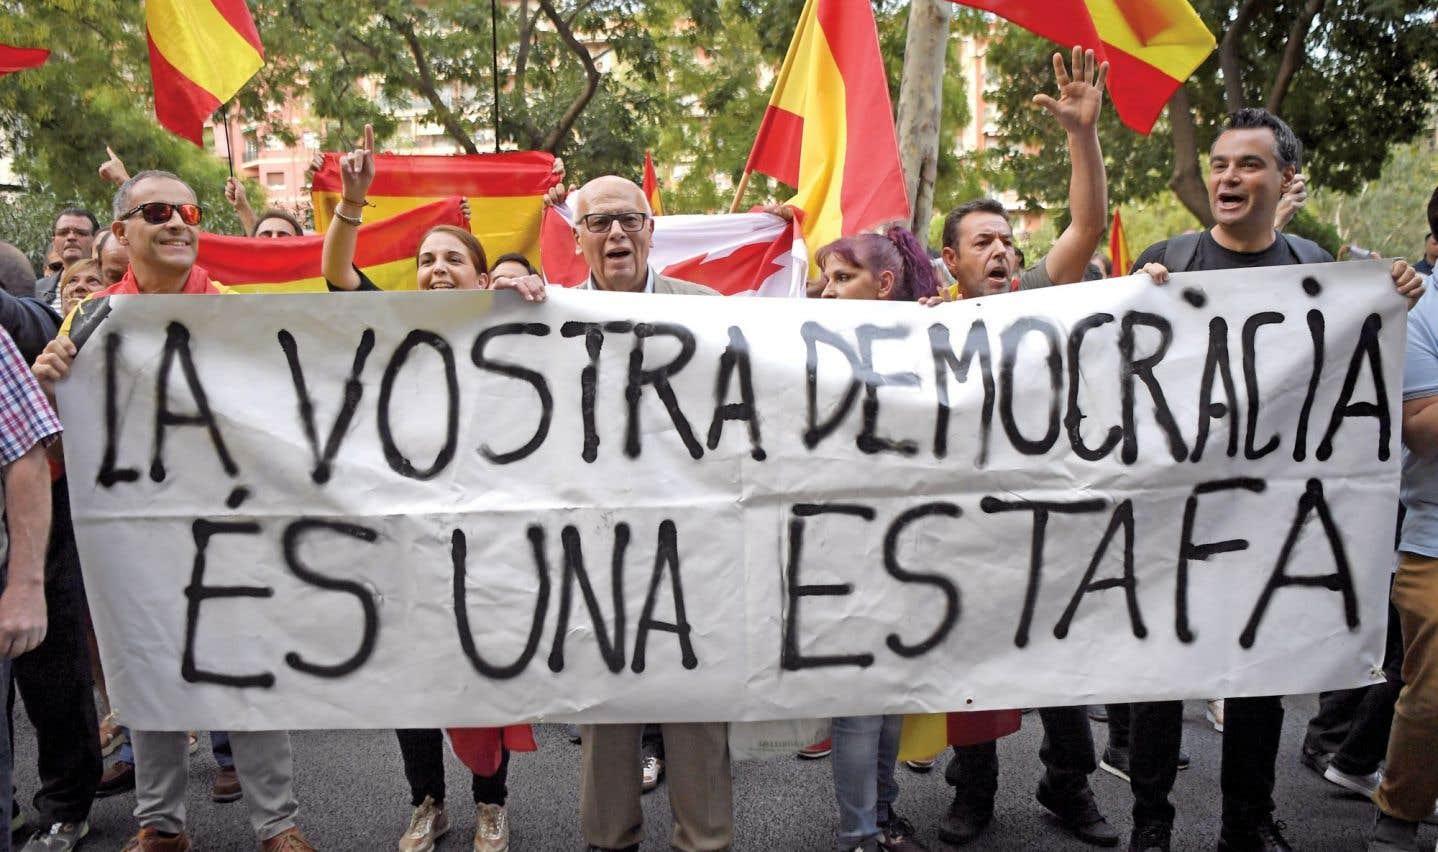 À Barcelone, des manifestants protestent contre l'organisation d'un référendum sur l'indépendance de la Catalogne.